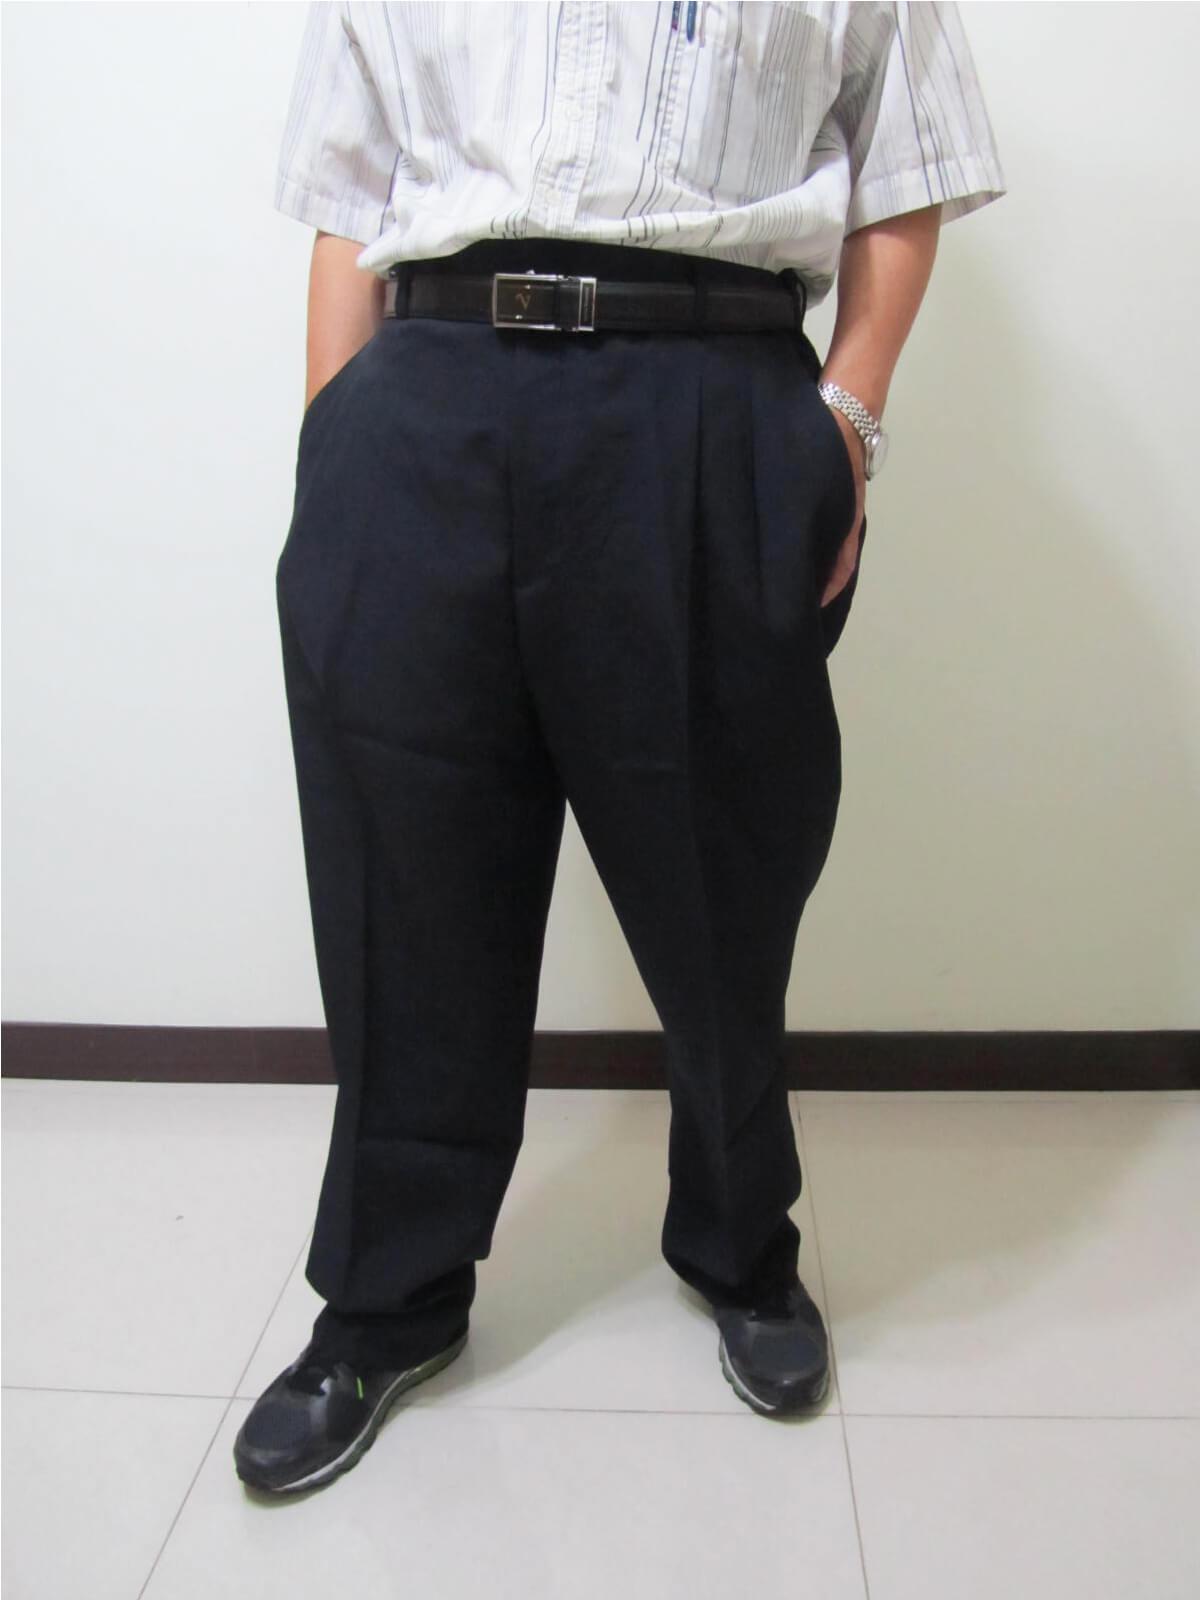 sun-e特加大尺碼西裝褲、加大尺碼打摺西裝褲、加大尺碼西褲、正式場合西裝褲、標準西裝褲、上班西裝褲、商務西裝褲、黑色西裝褲、深藍西裝褲、腰圍有皮帶環(褲耳)、褲檔有拉鍊(321-7007-01)深藍(321-7007-02)黑色 腰圍:42 44 46 48 50 52 54 56(英吋) 1